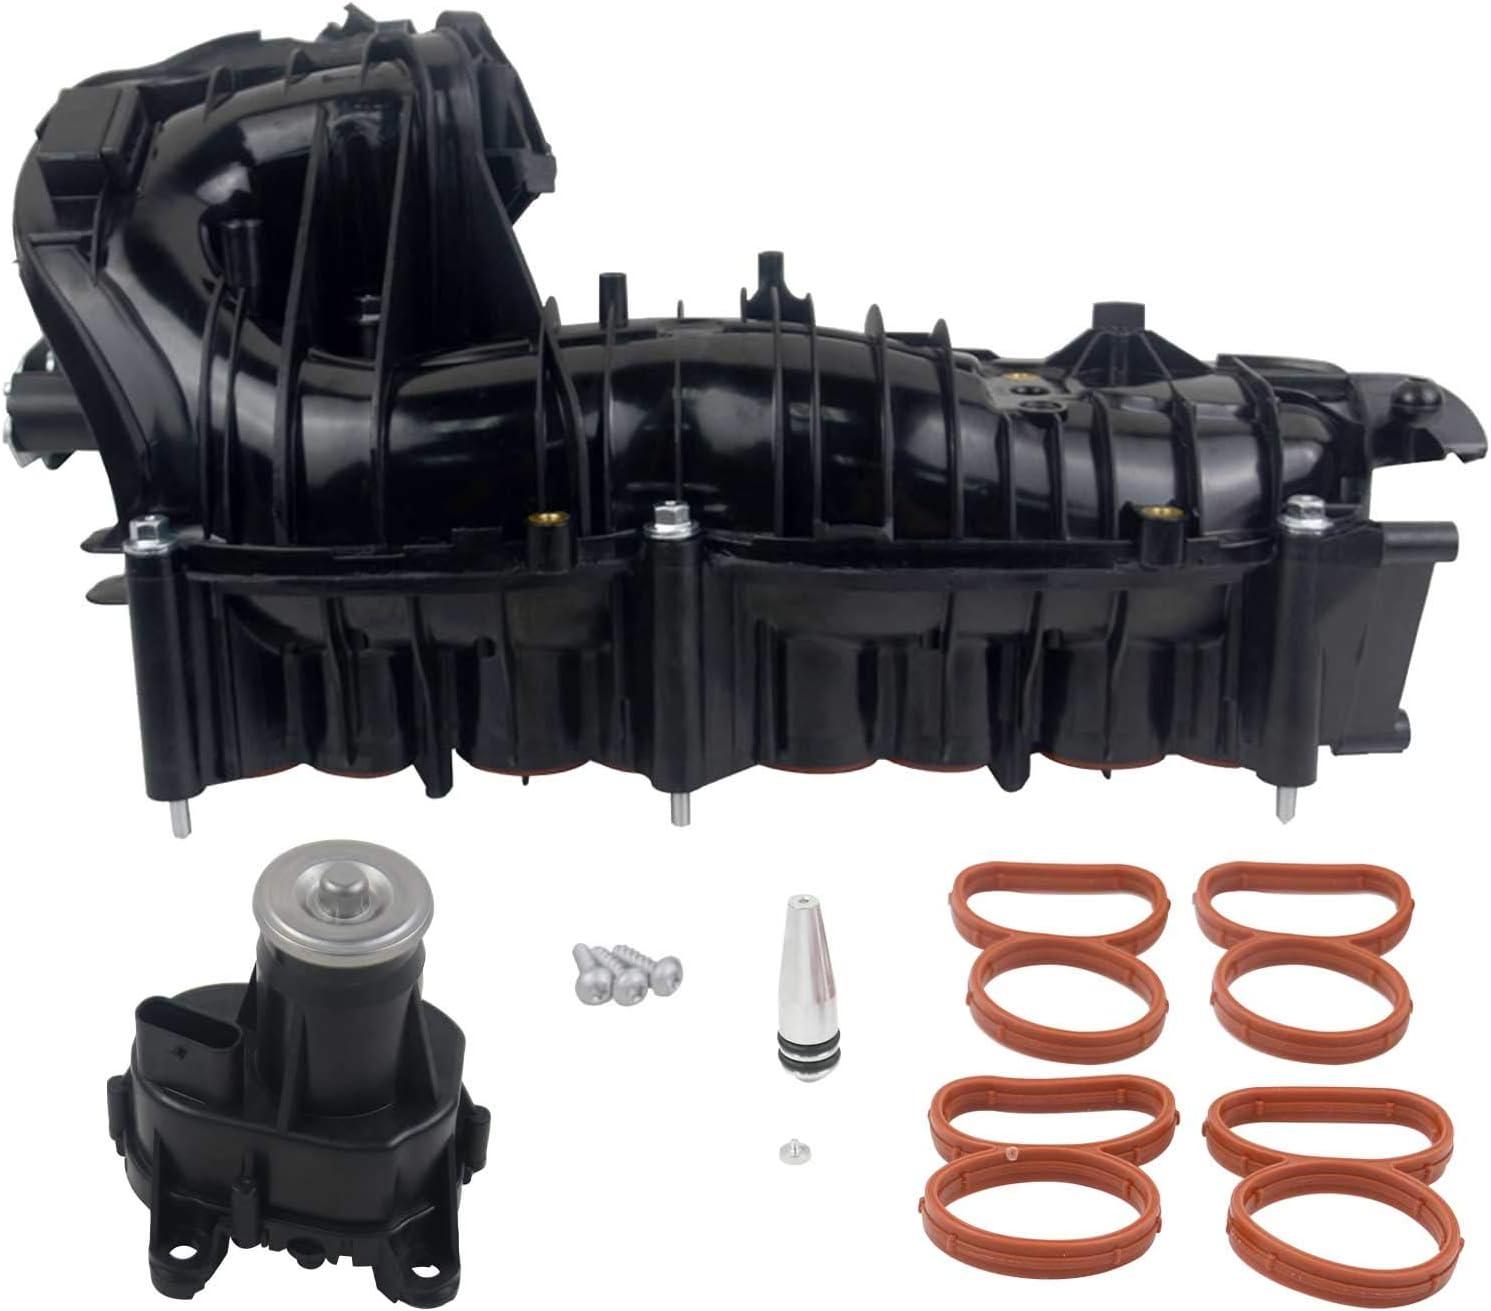 11618507239 Colector de admisión+actuador+kit de reparación para E60 E61 E82 E83 E84 E90 E91 E92 E93 1 3 5 Series X1 X3 2.0D con motor N47 2007-2015